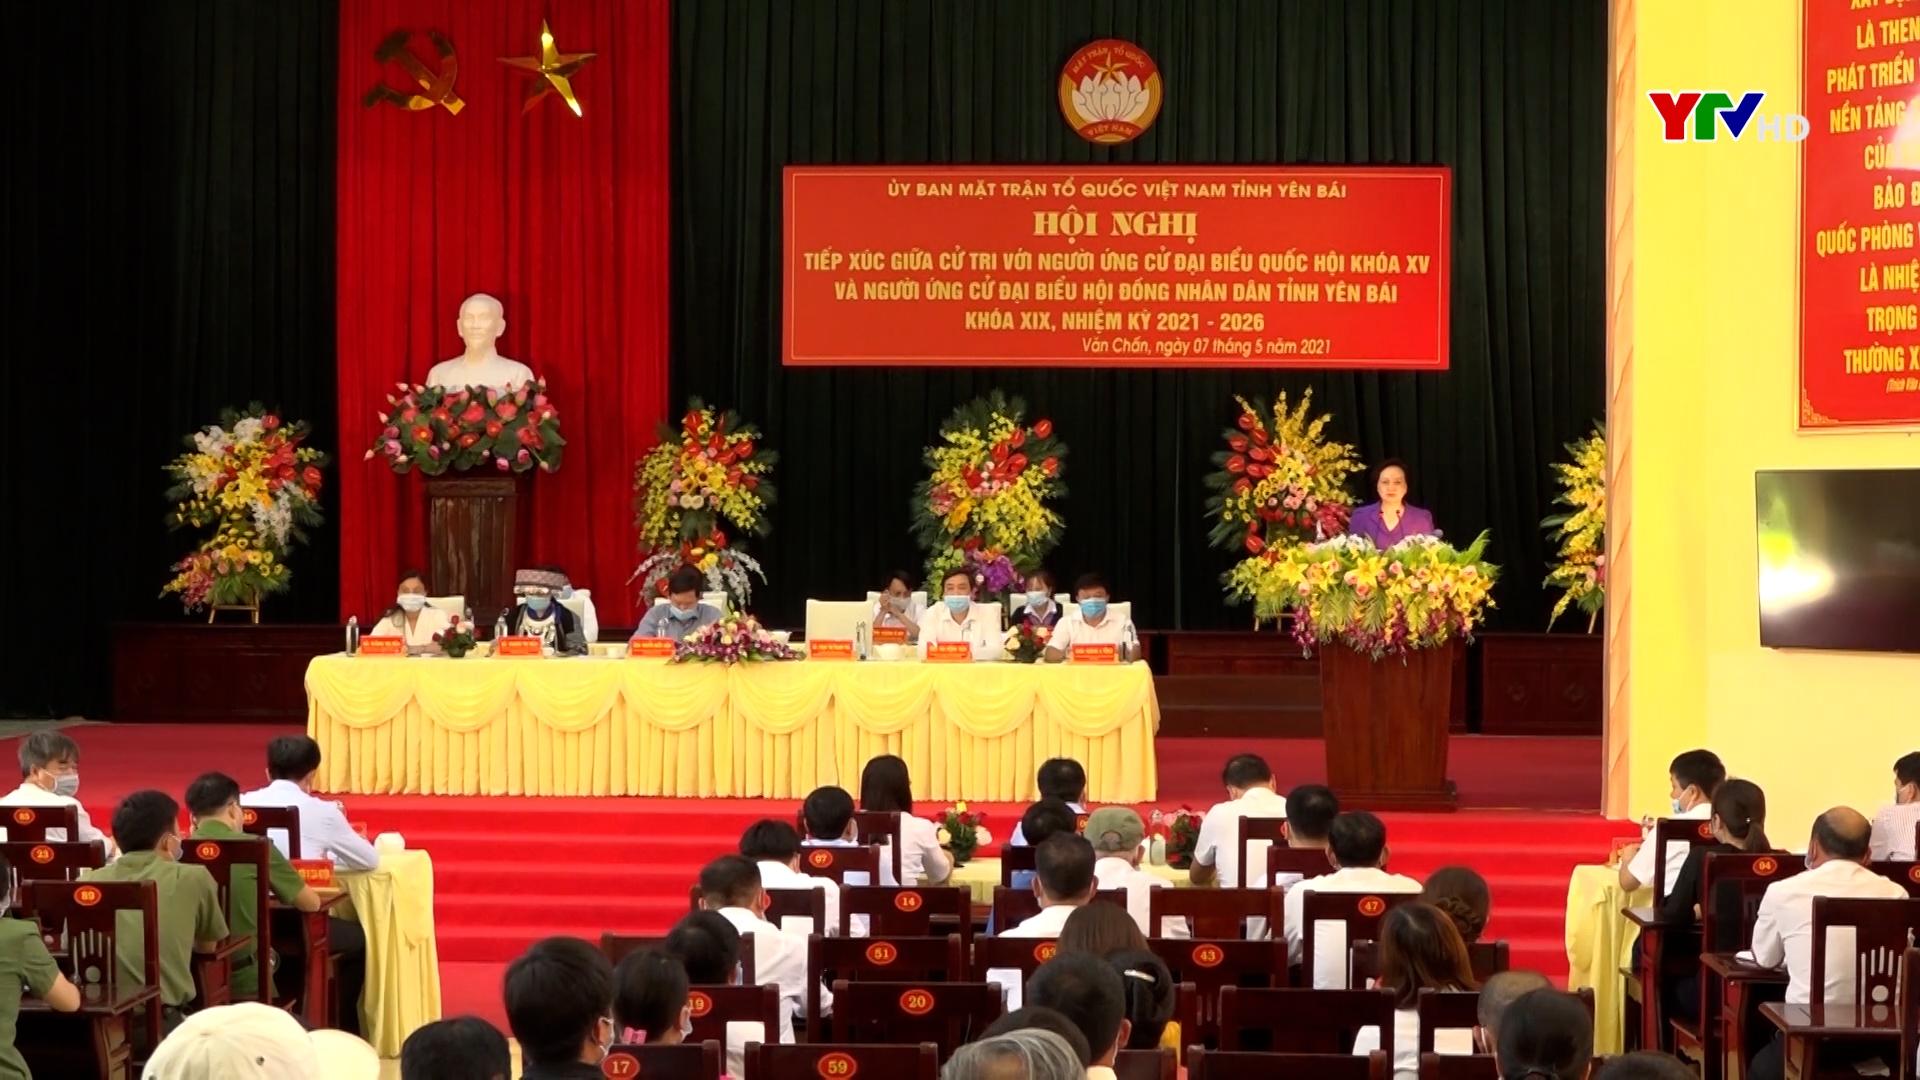 Bộ trưởng Bộ Nội vụ Phạm Thị Thanh Trà và các ứng cử viên tiếp xúc cử tri tại Văn Chấn